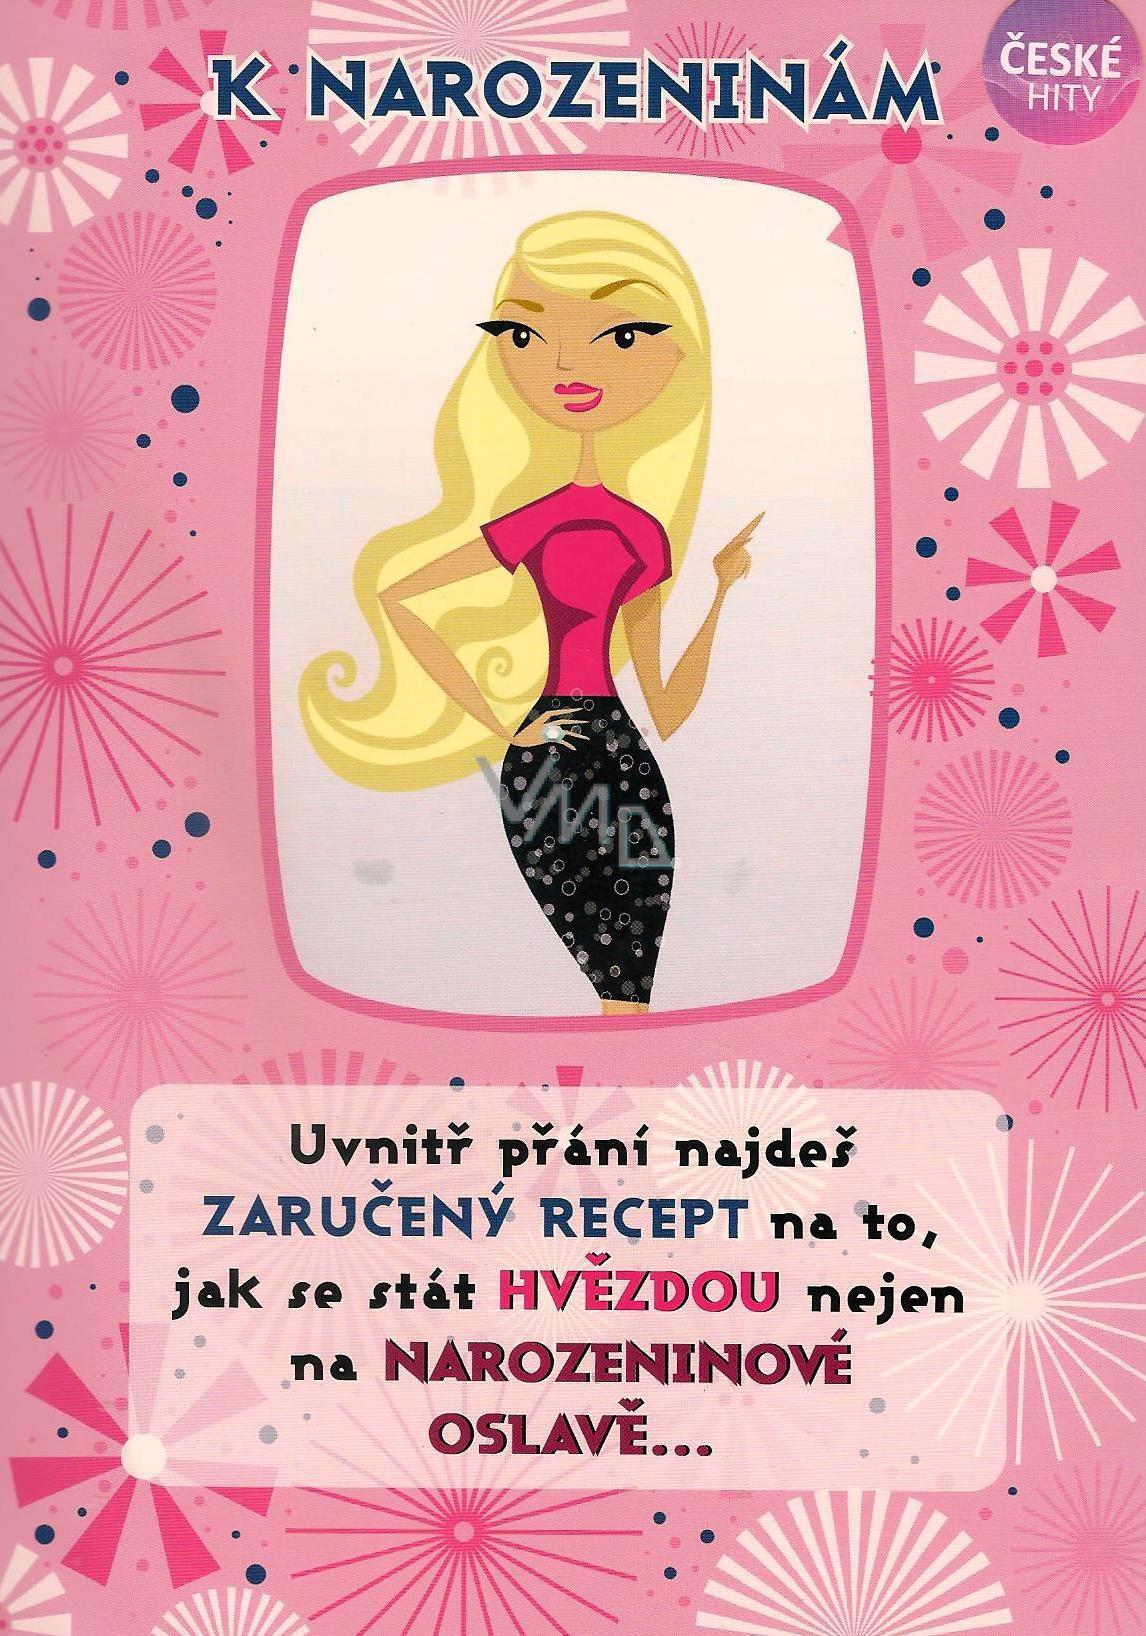 přání k 8 narozeninám Albi Hrací přání do obálky K narozeninám Když se načančám Heidu  přání k 8 narozeninám